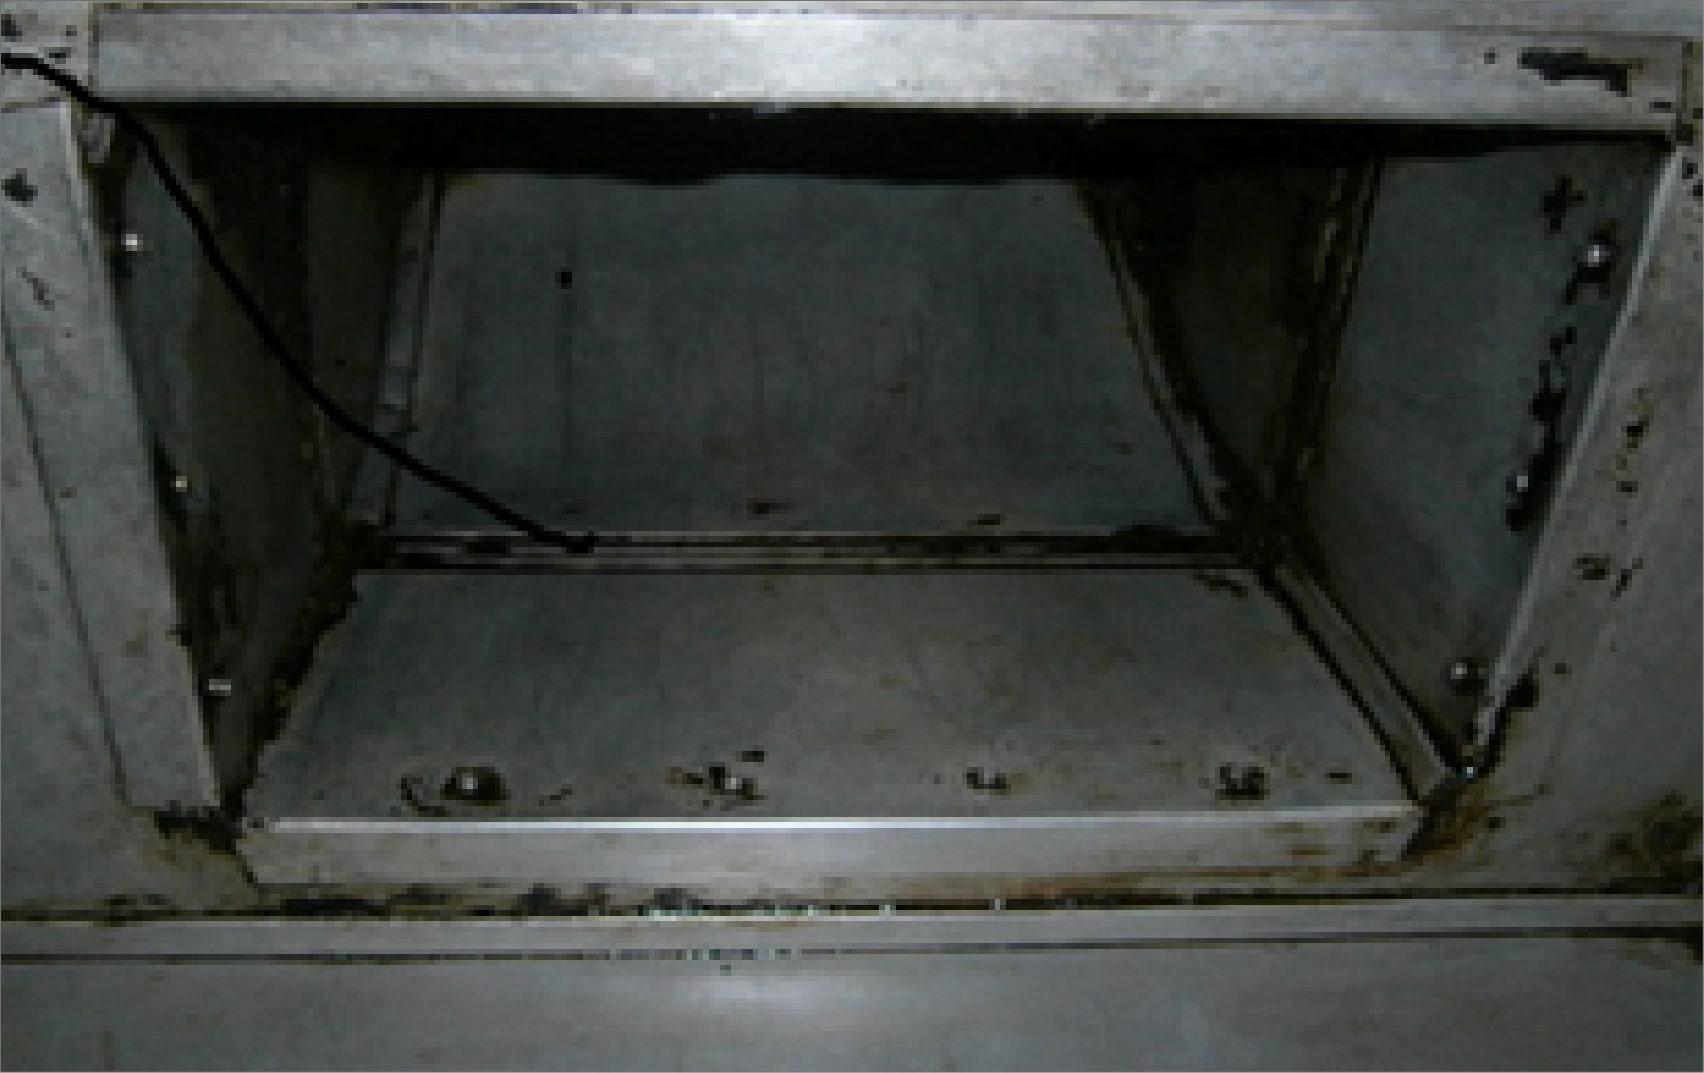 清掃後のピカピカになった空調機部分の2種類目